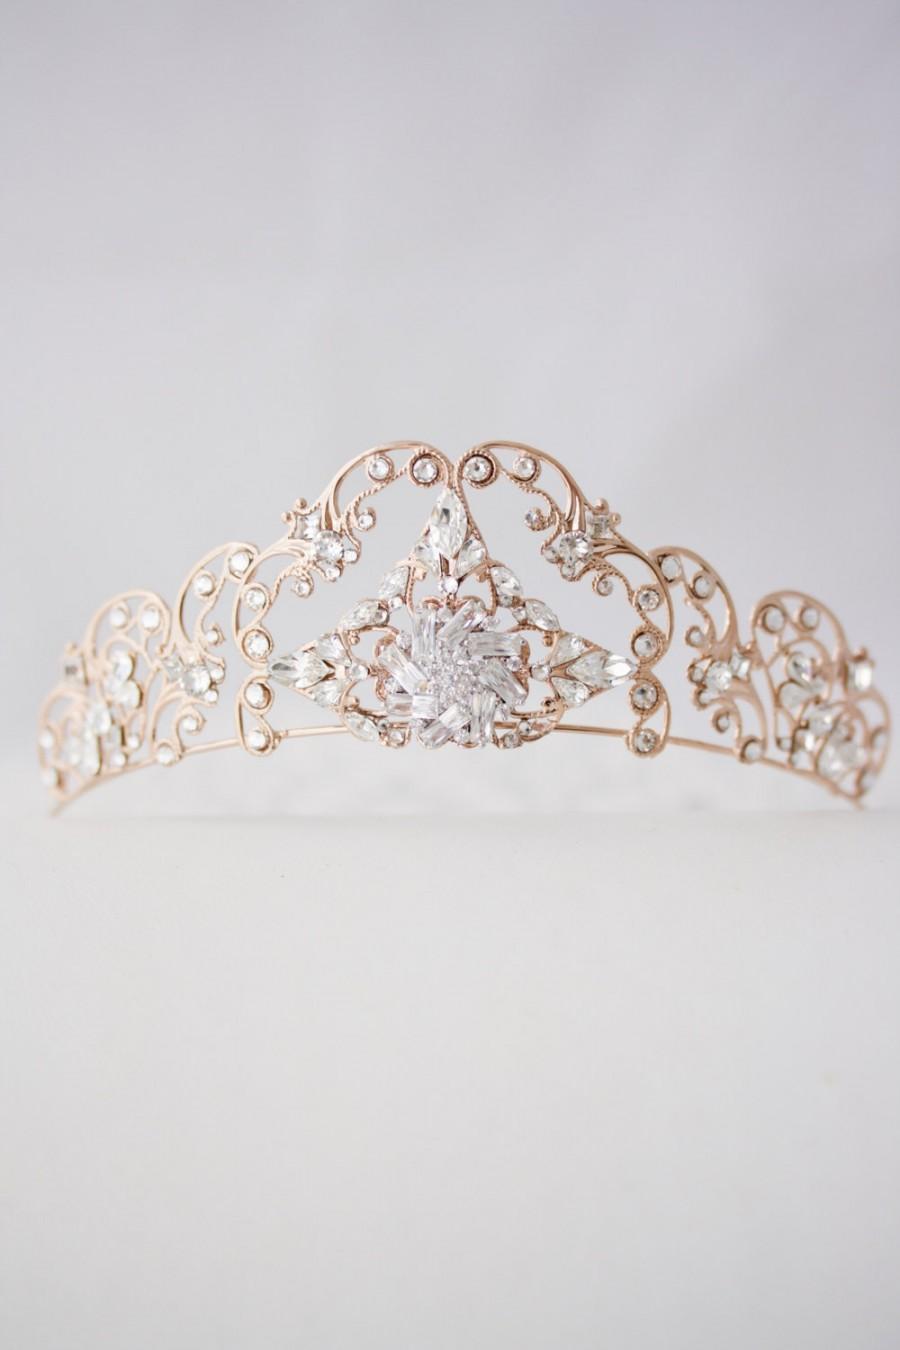 Rose Gold Tiara Crystal Wedding Tiara Filigree Bridal Crown Art Deco